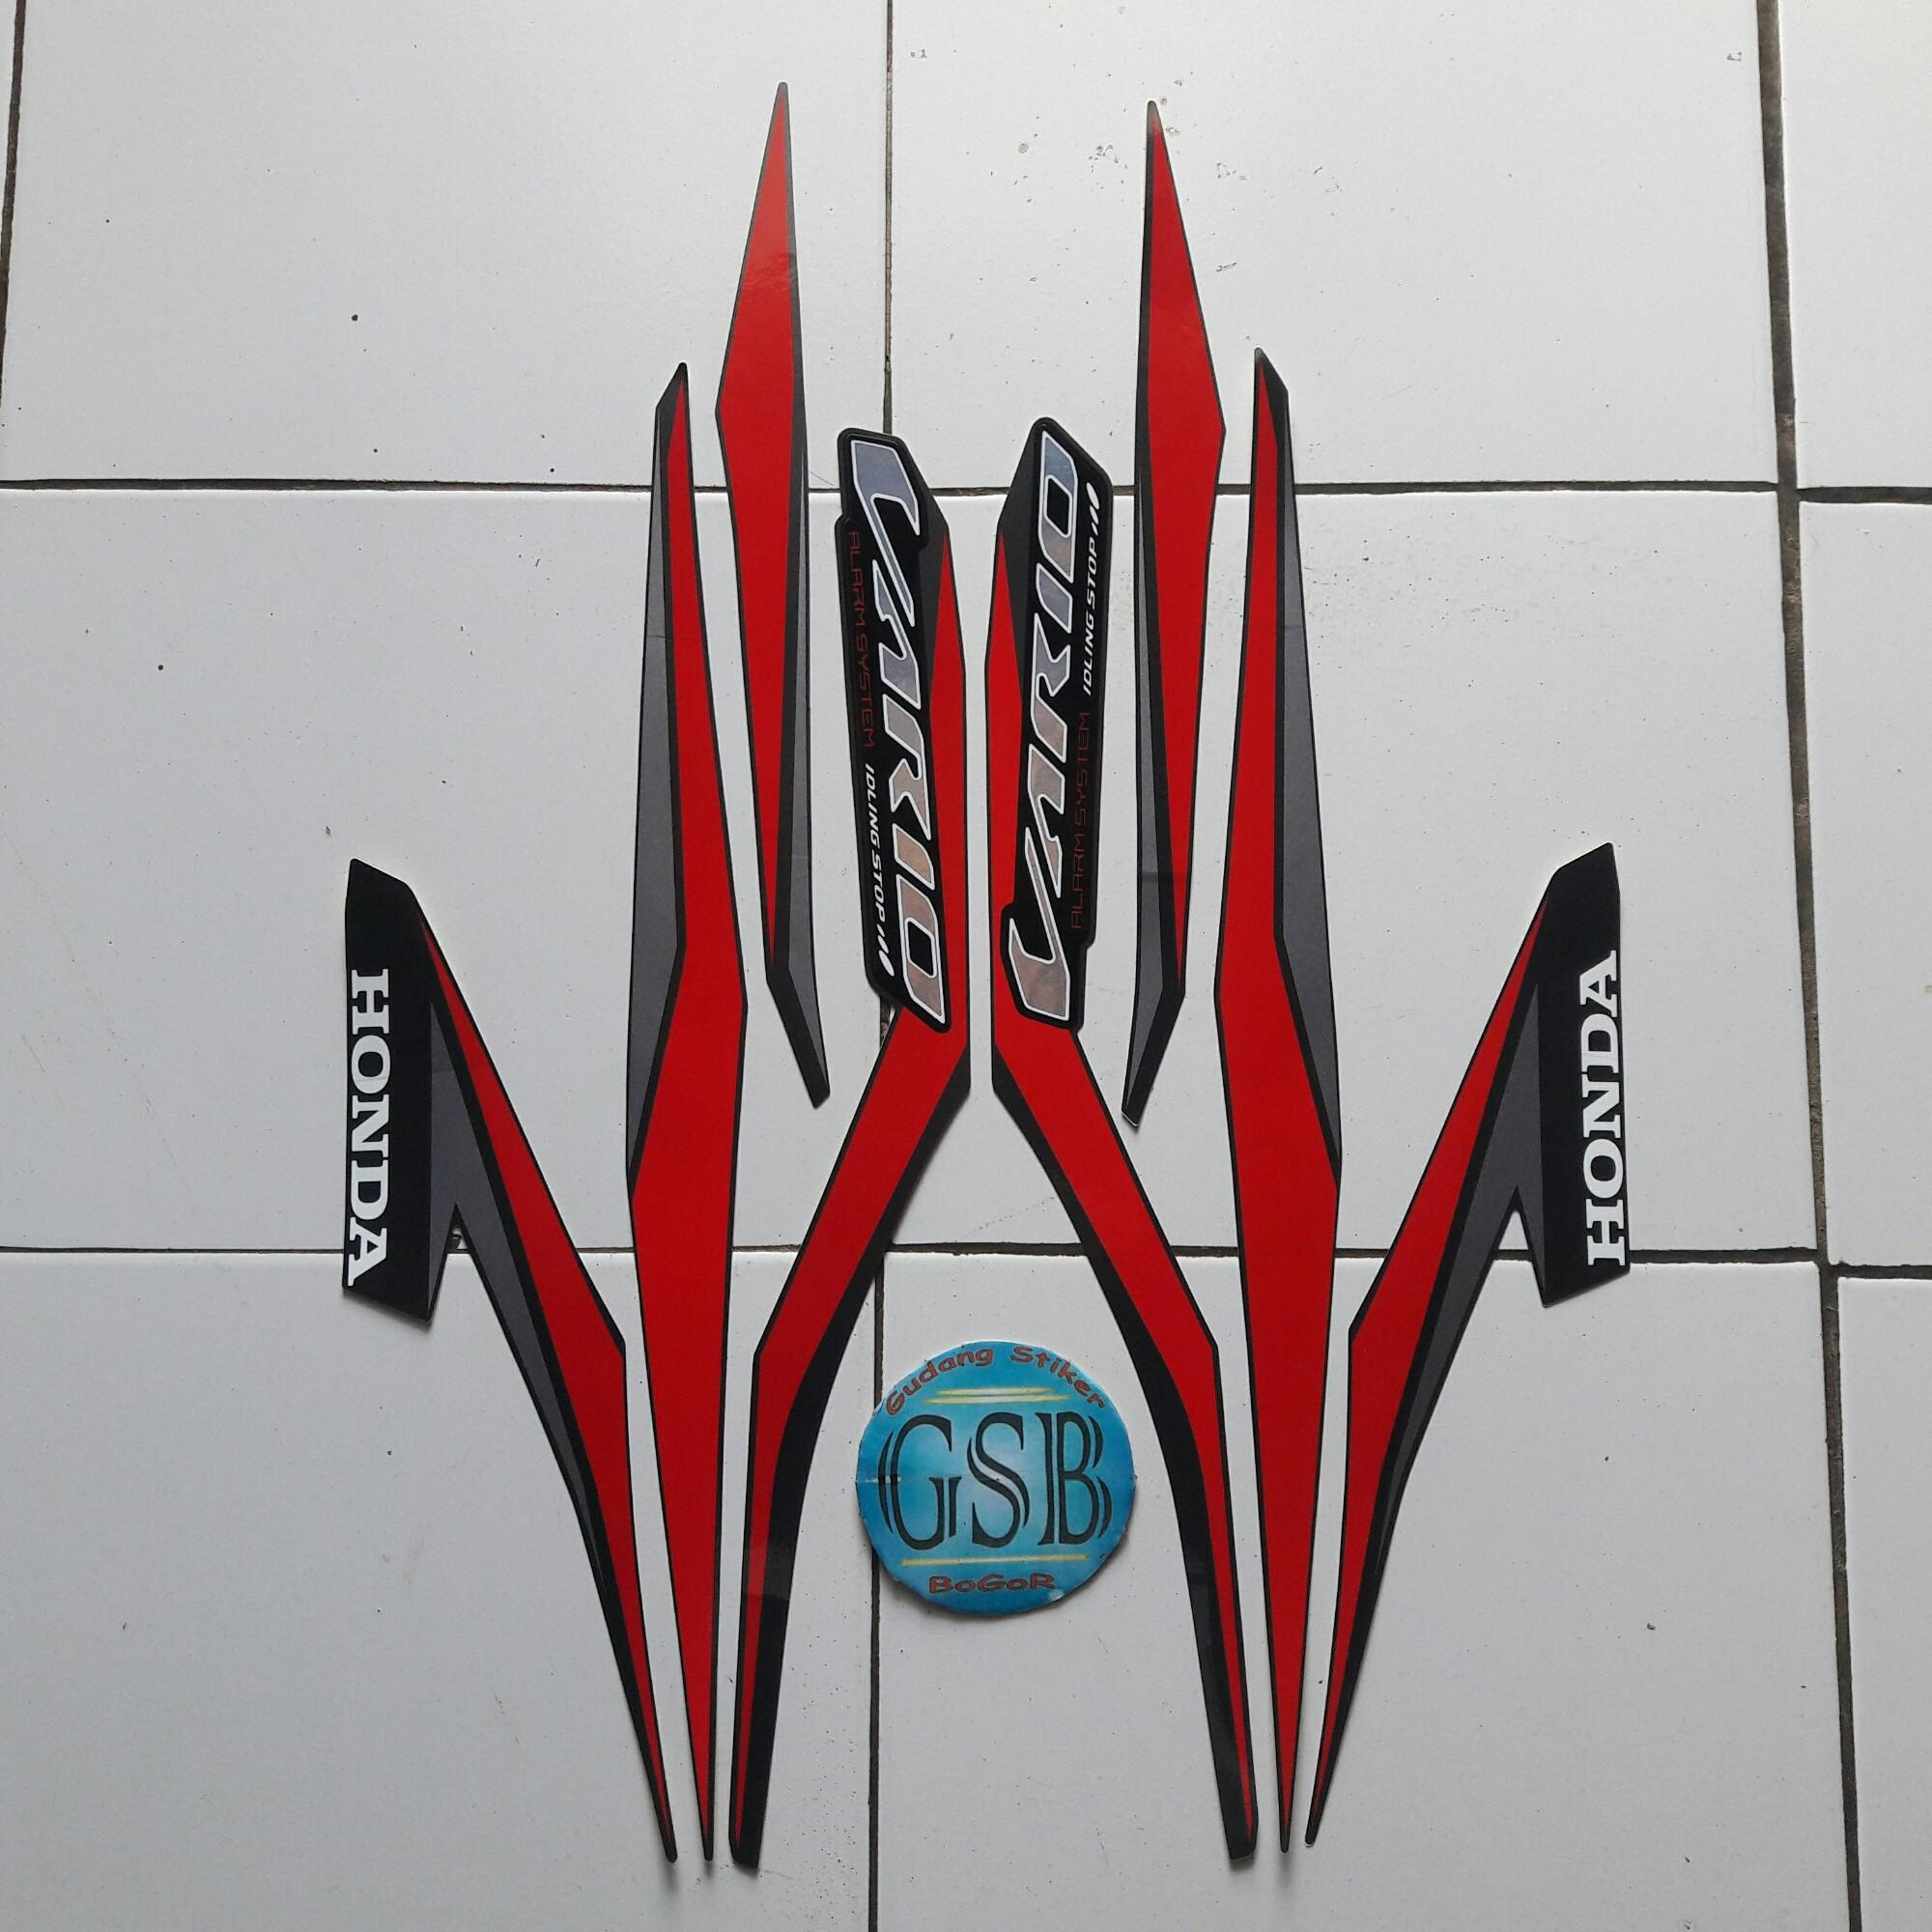 Kelebihan Spedah Motor Honda Vario 125 Cbs Iss Murah Terkini New 110 Esp Advanced Matte Grey Depok Stiker Striping 2018 Full Hitam Merah